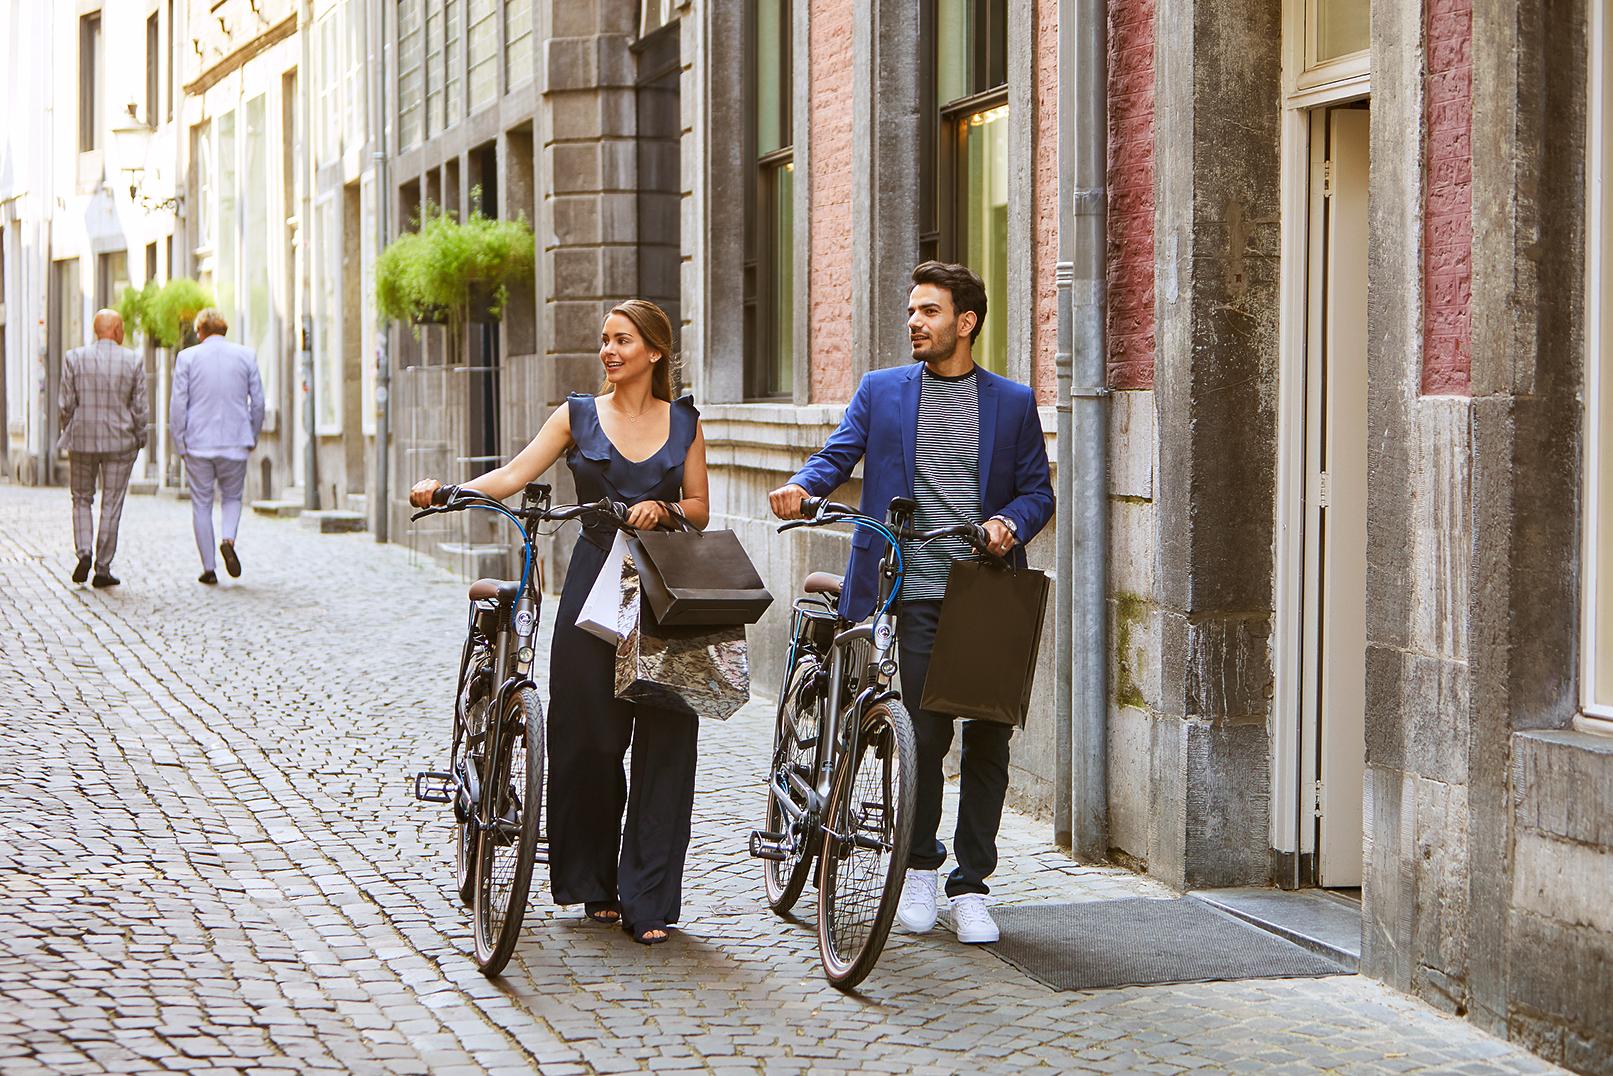 Haben Sie ein (begrenztes) Budget? Entscheiden Sie, welche Eigenschaften des Elektro-Fahrrads für Sie am wichtigsten sind und machen Sie sich dann auf die Suche nach Ihrem idealen Rad.